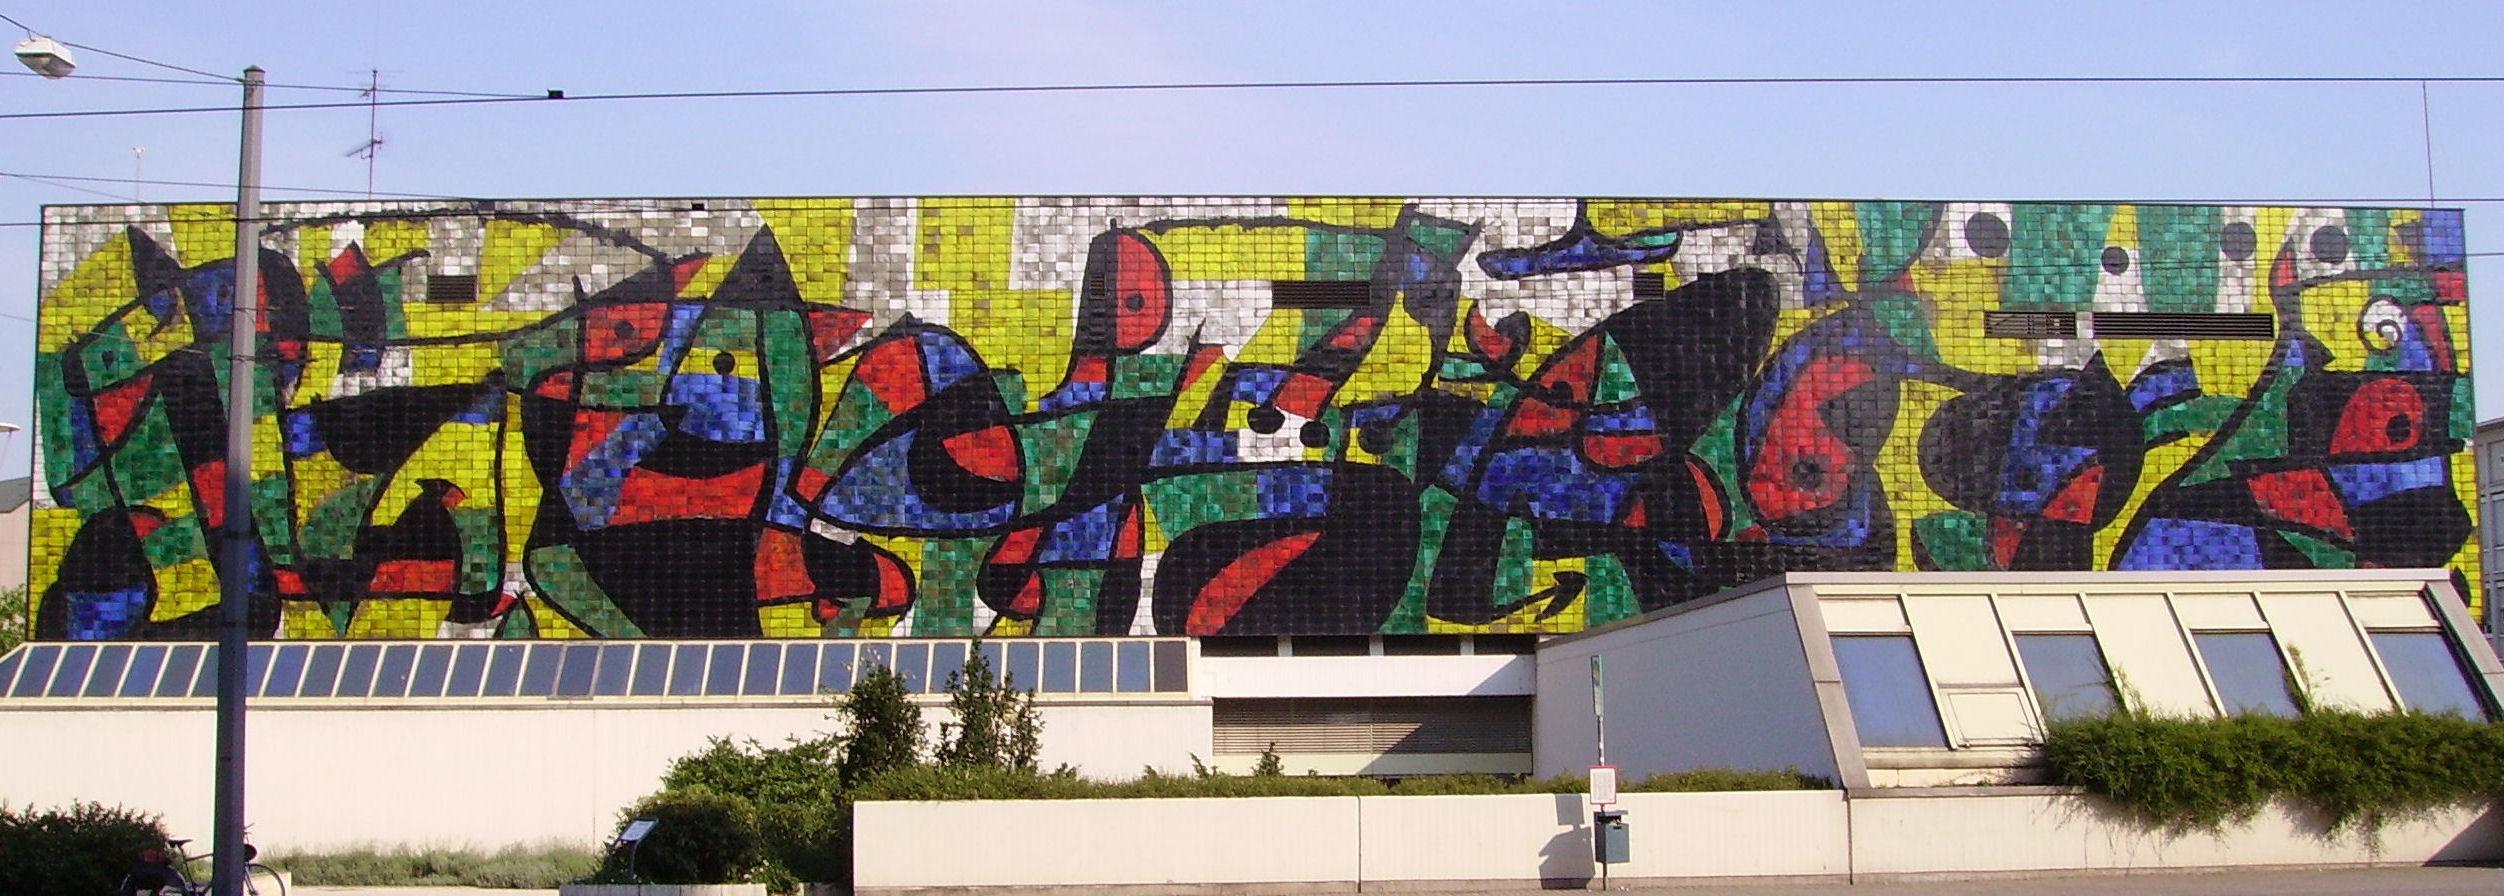 Murs de c ramique mir for Ecole d art mural